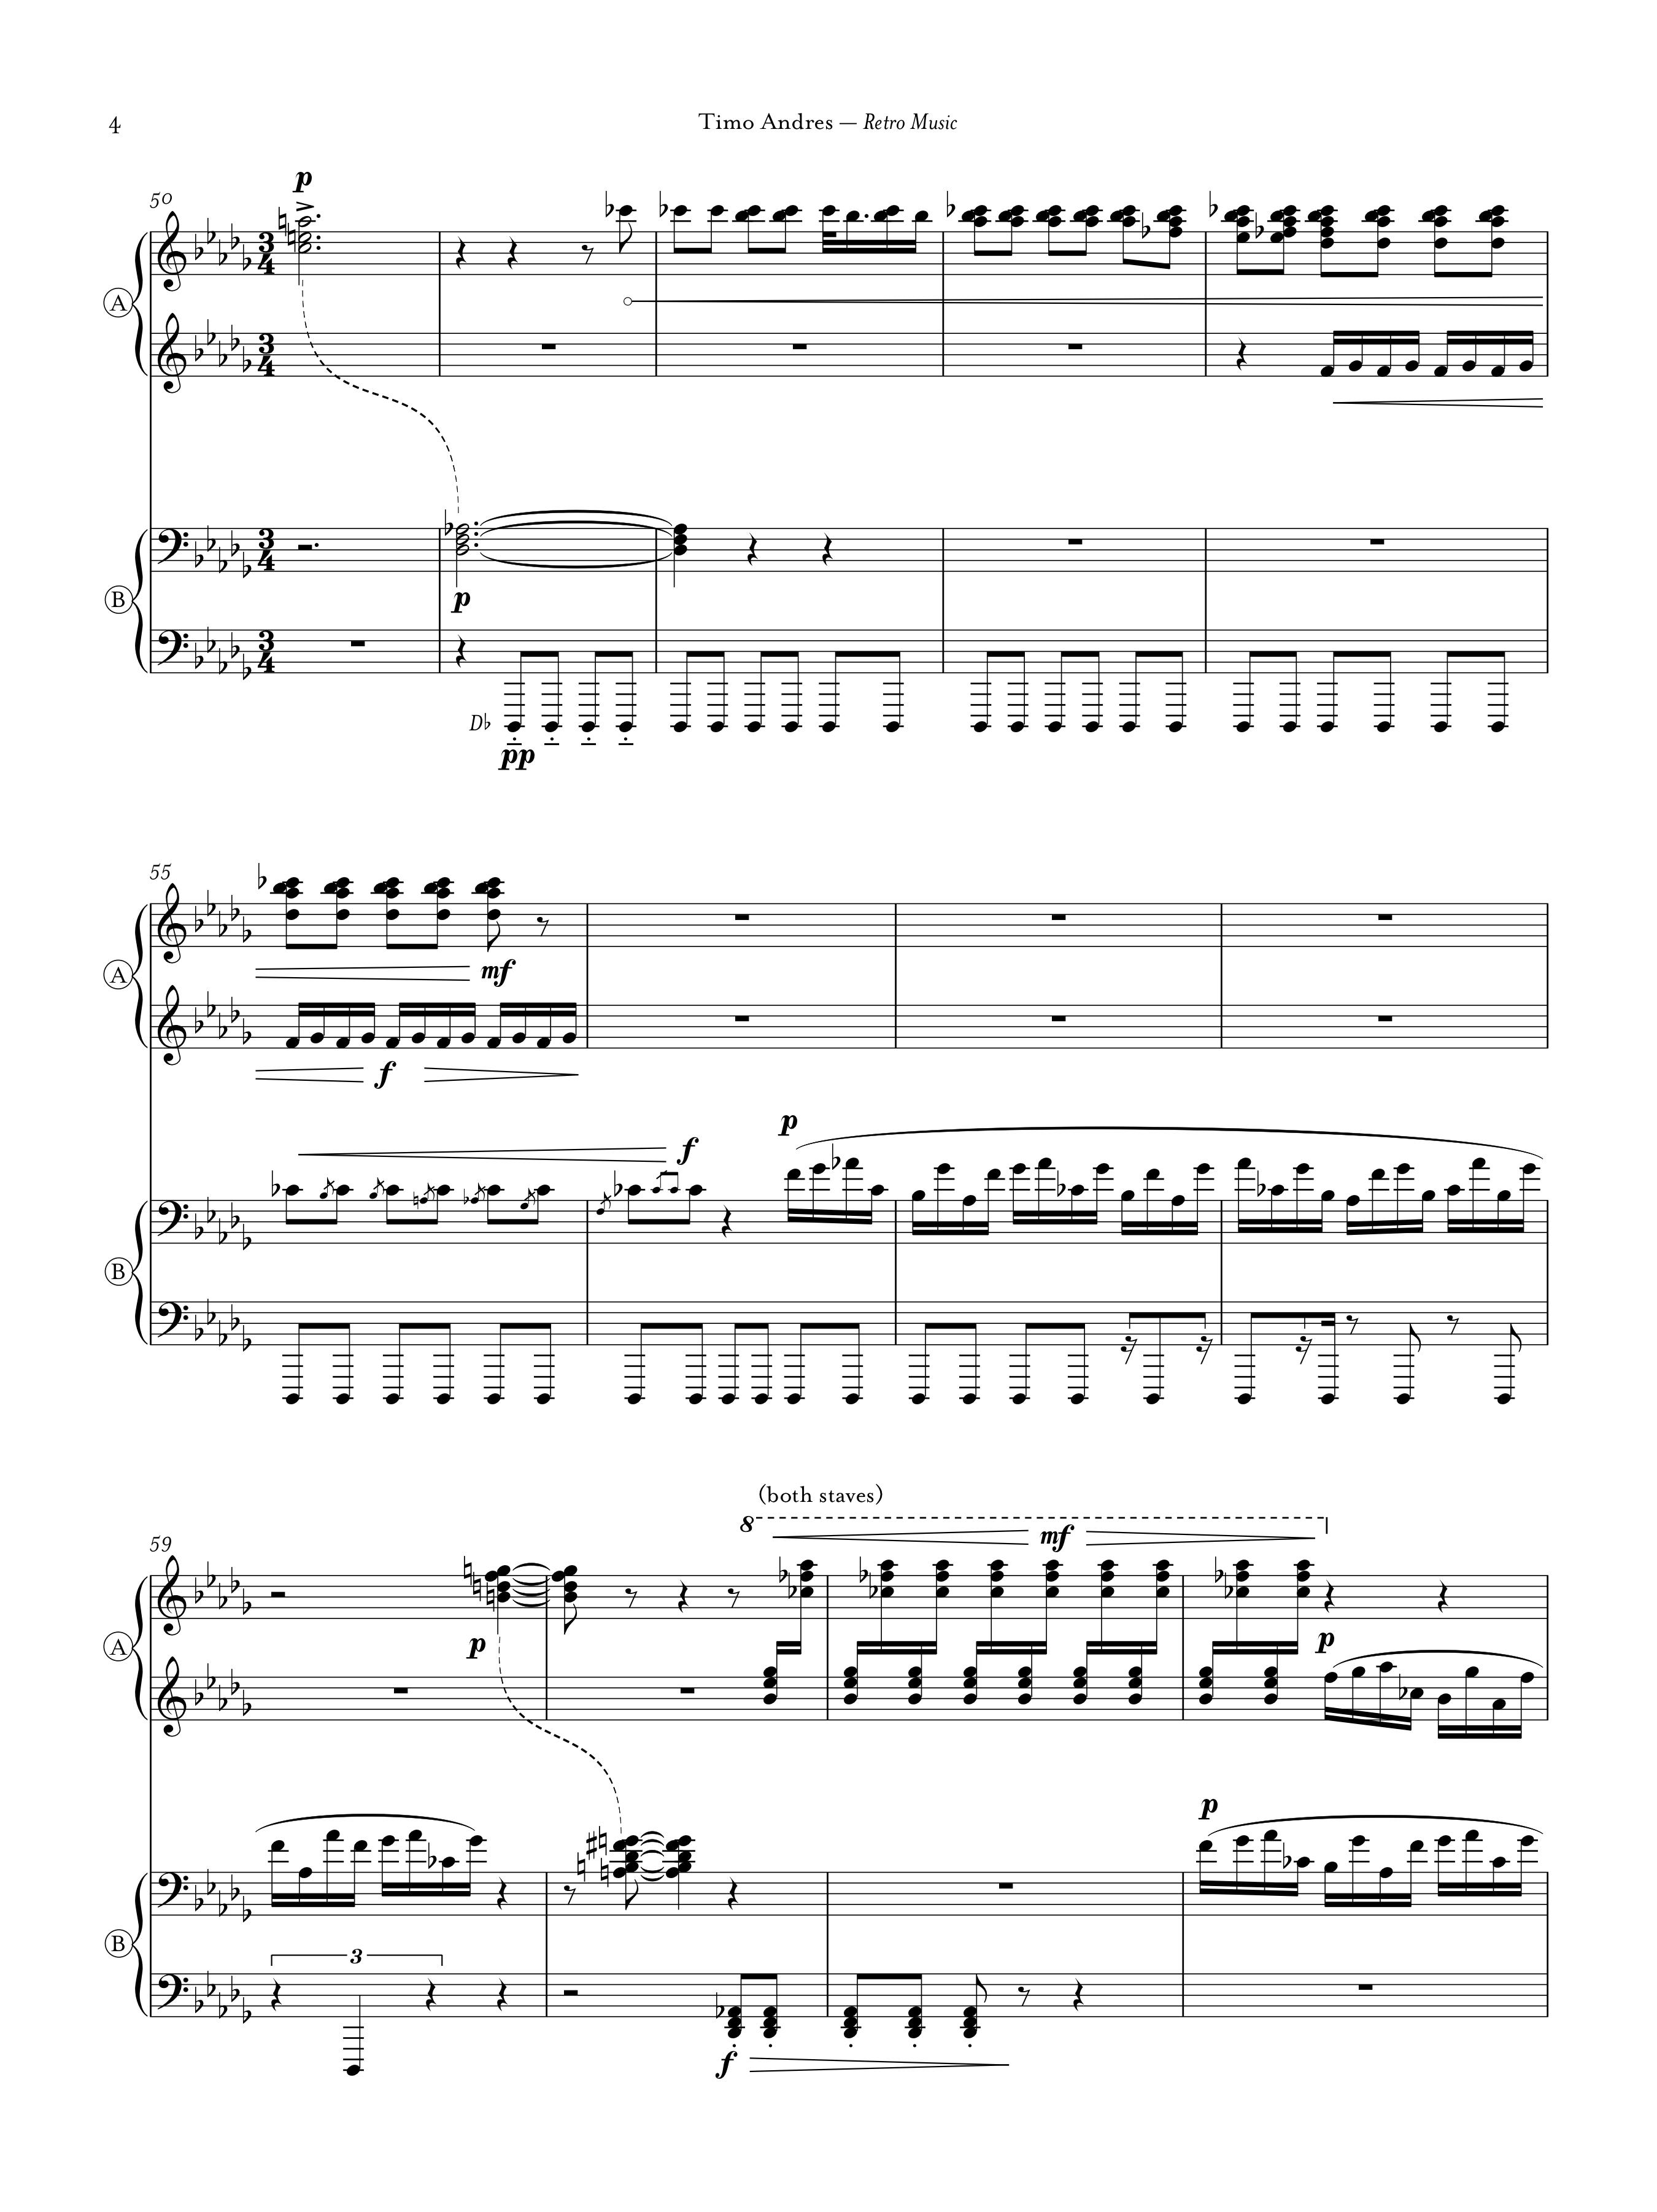 Retro Music, p. 4